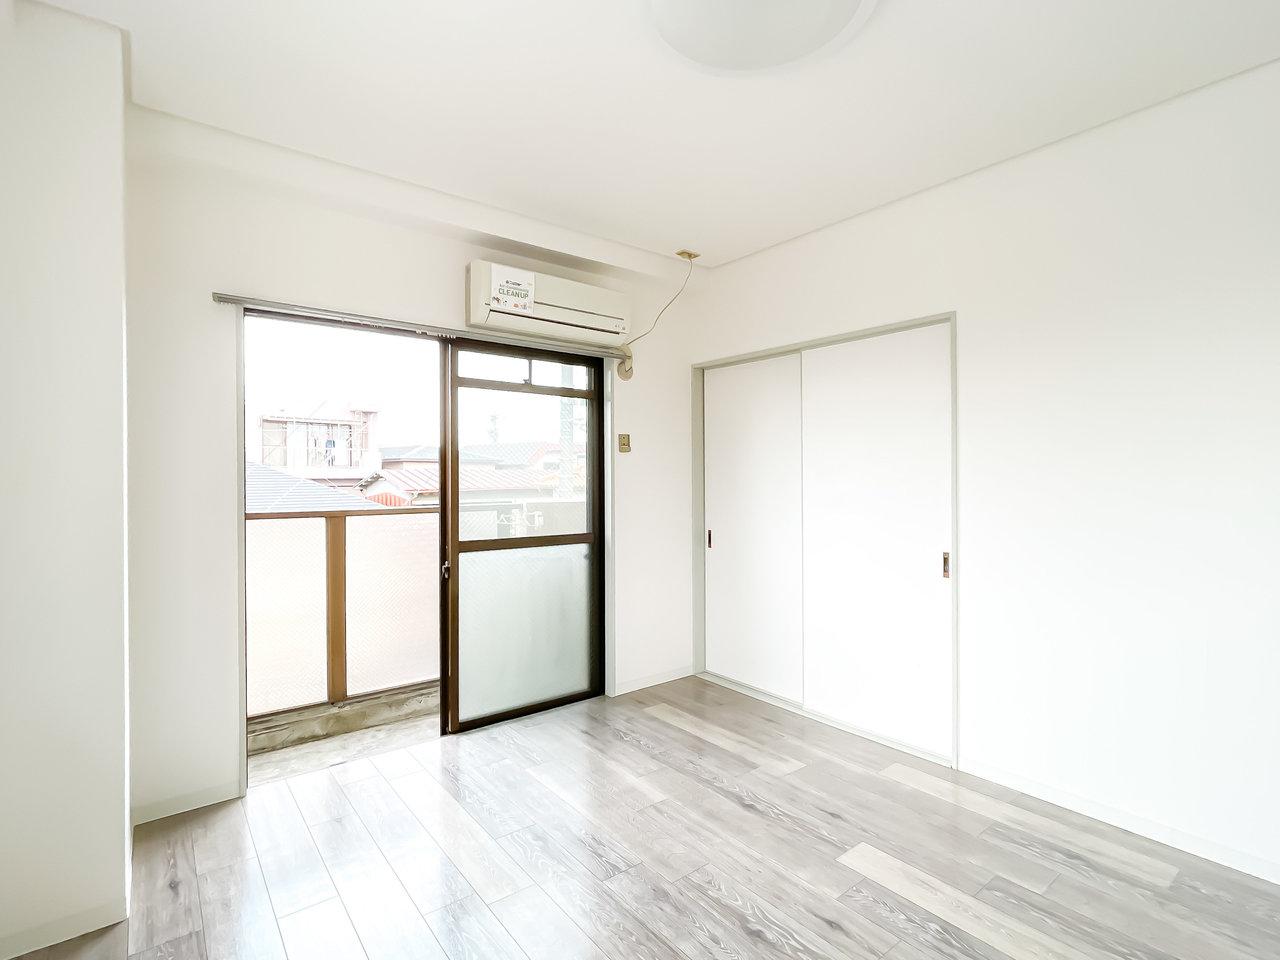 床材も落ち着いた色味のものですね。どんな家具を置こうかな。観葉植物のグリーンもよく合いそう。